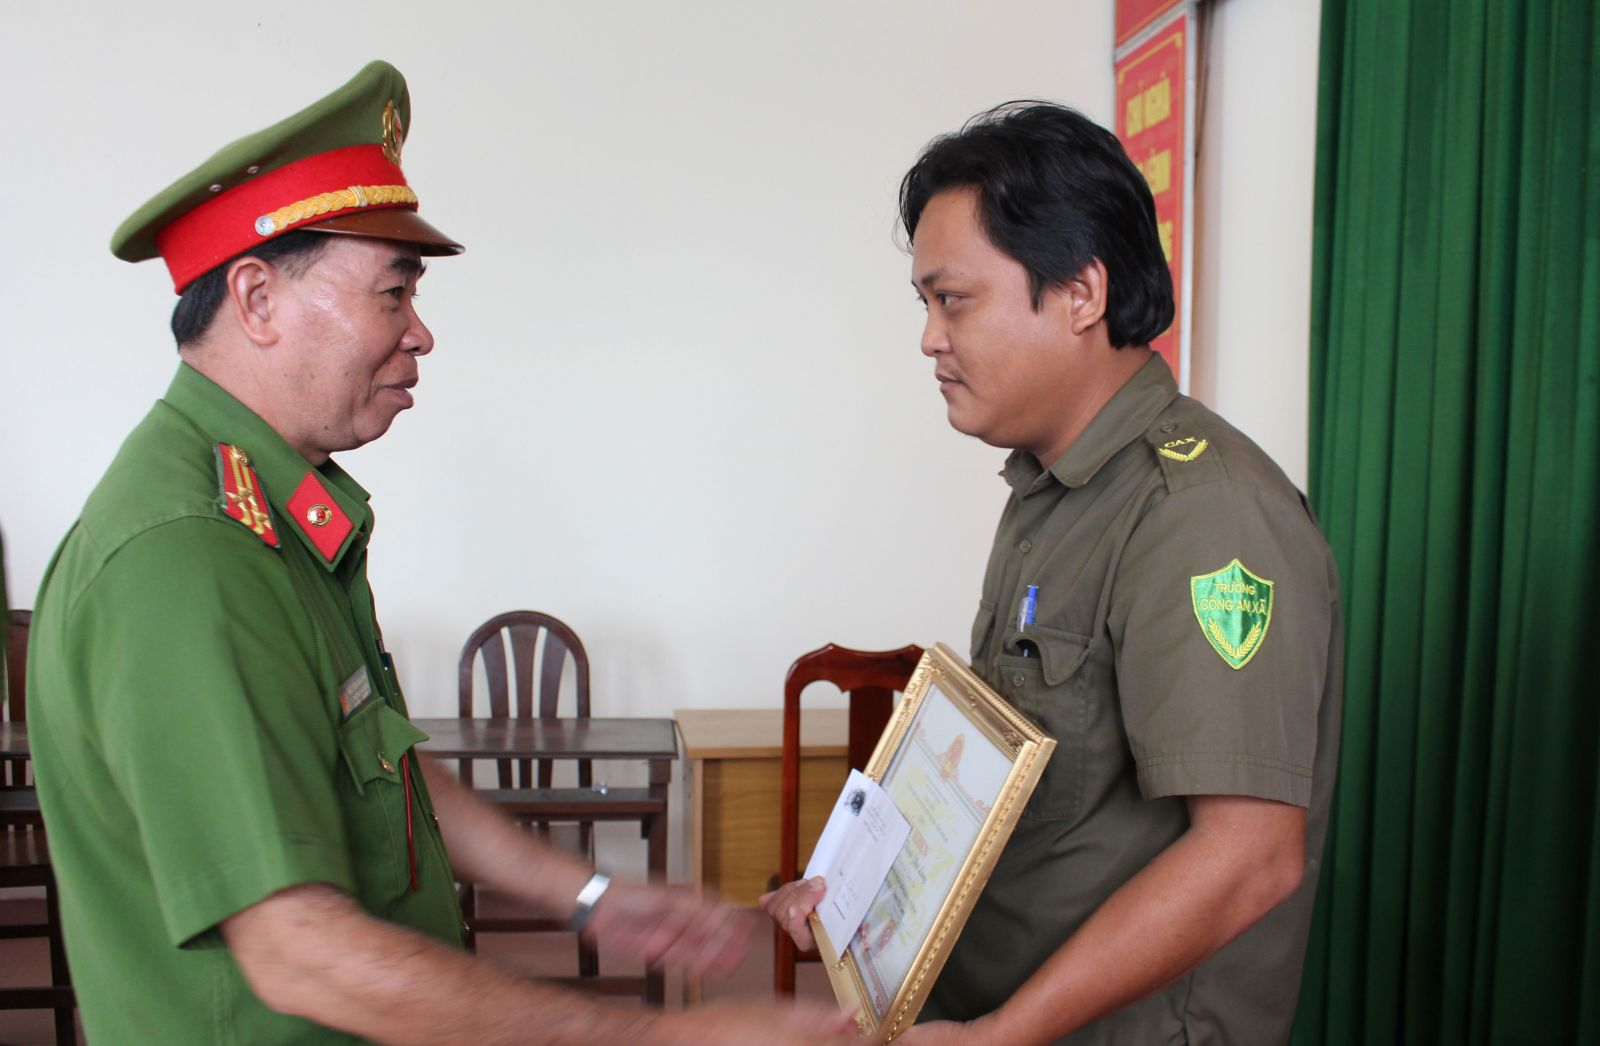 Thượng tá Nguyễn Văn Châu- Phó trưởng Công an huyện Châu Thành trao giấy khen cho Công an xã Thanh Phú Long